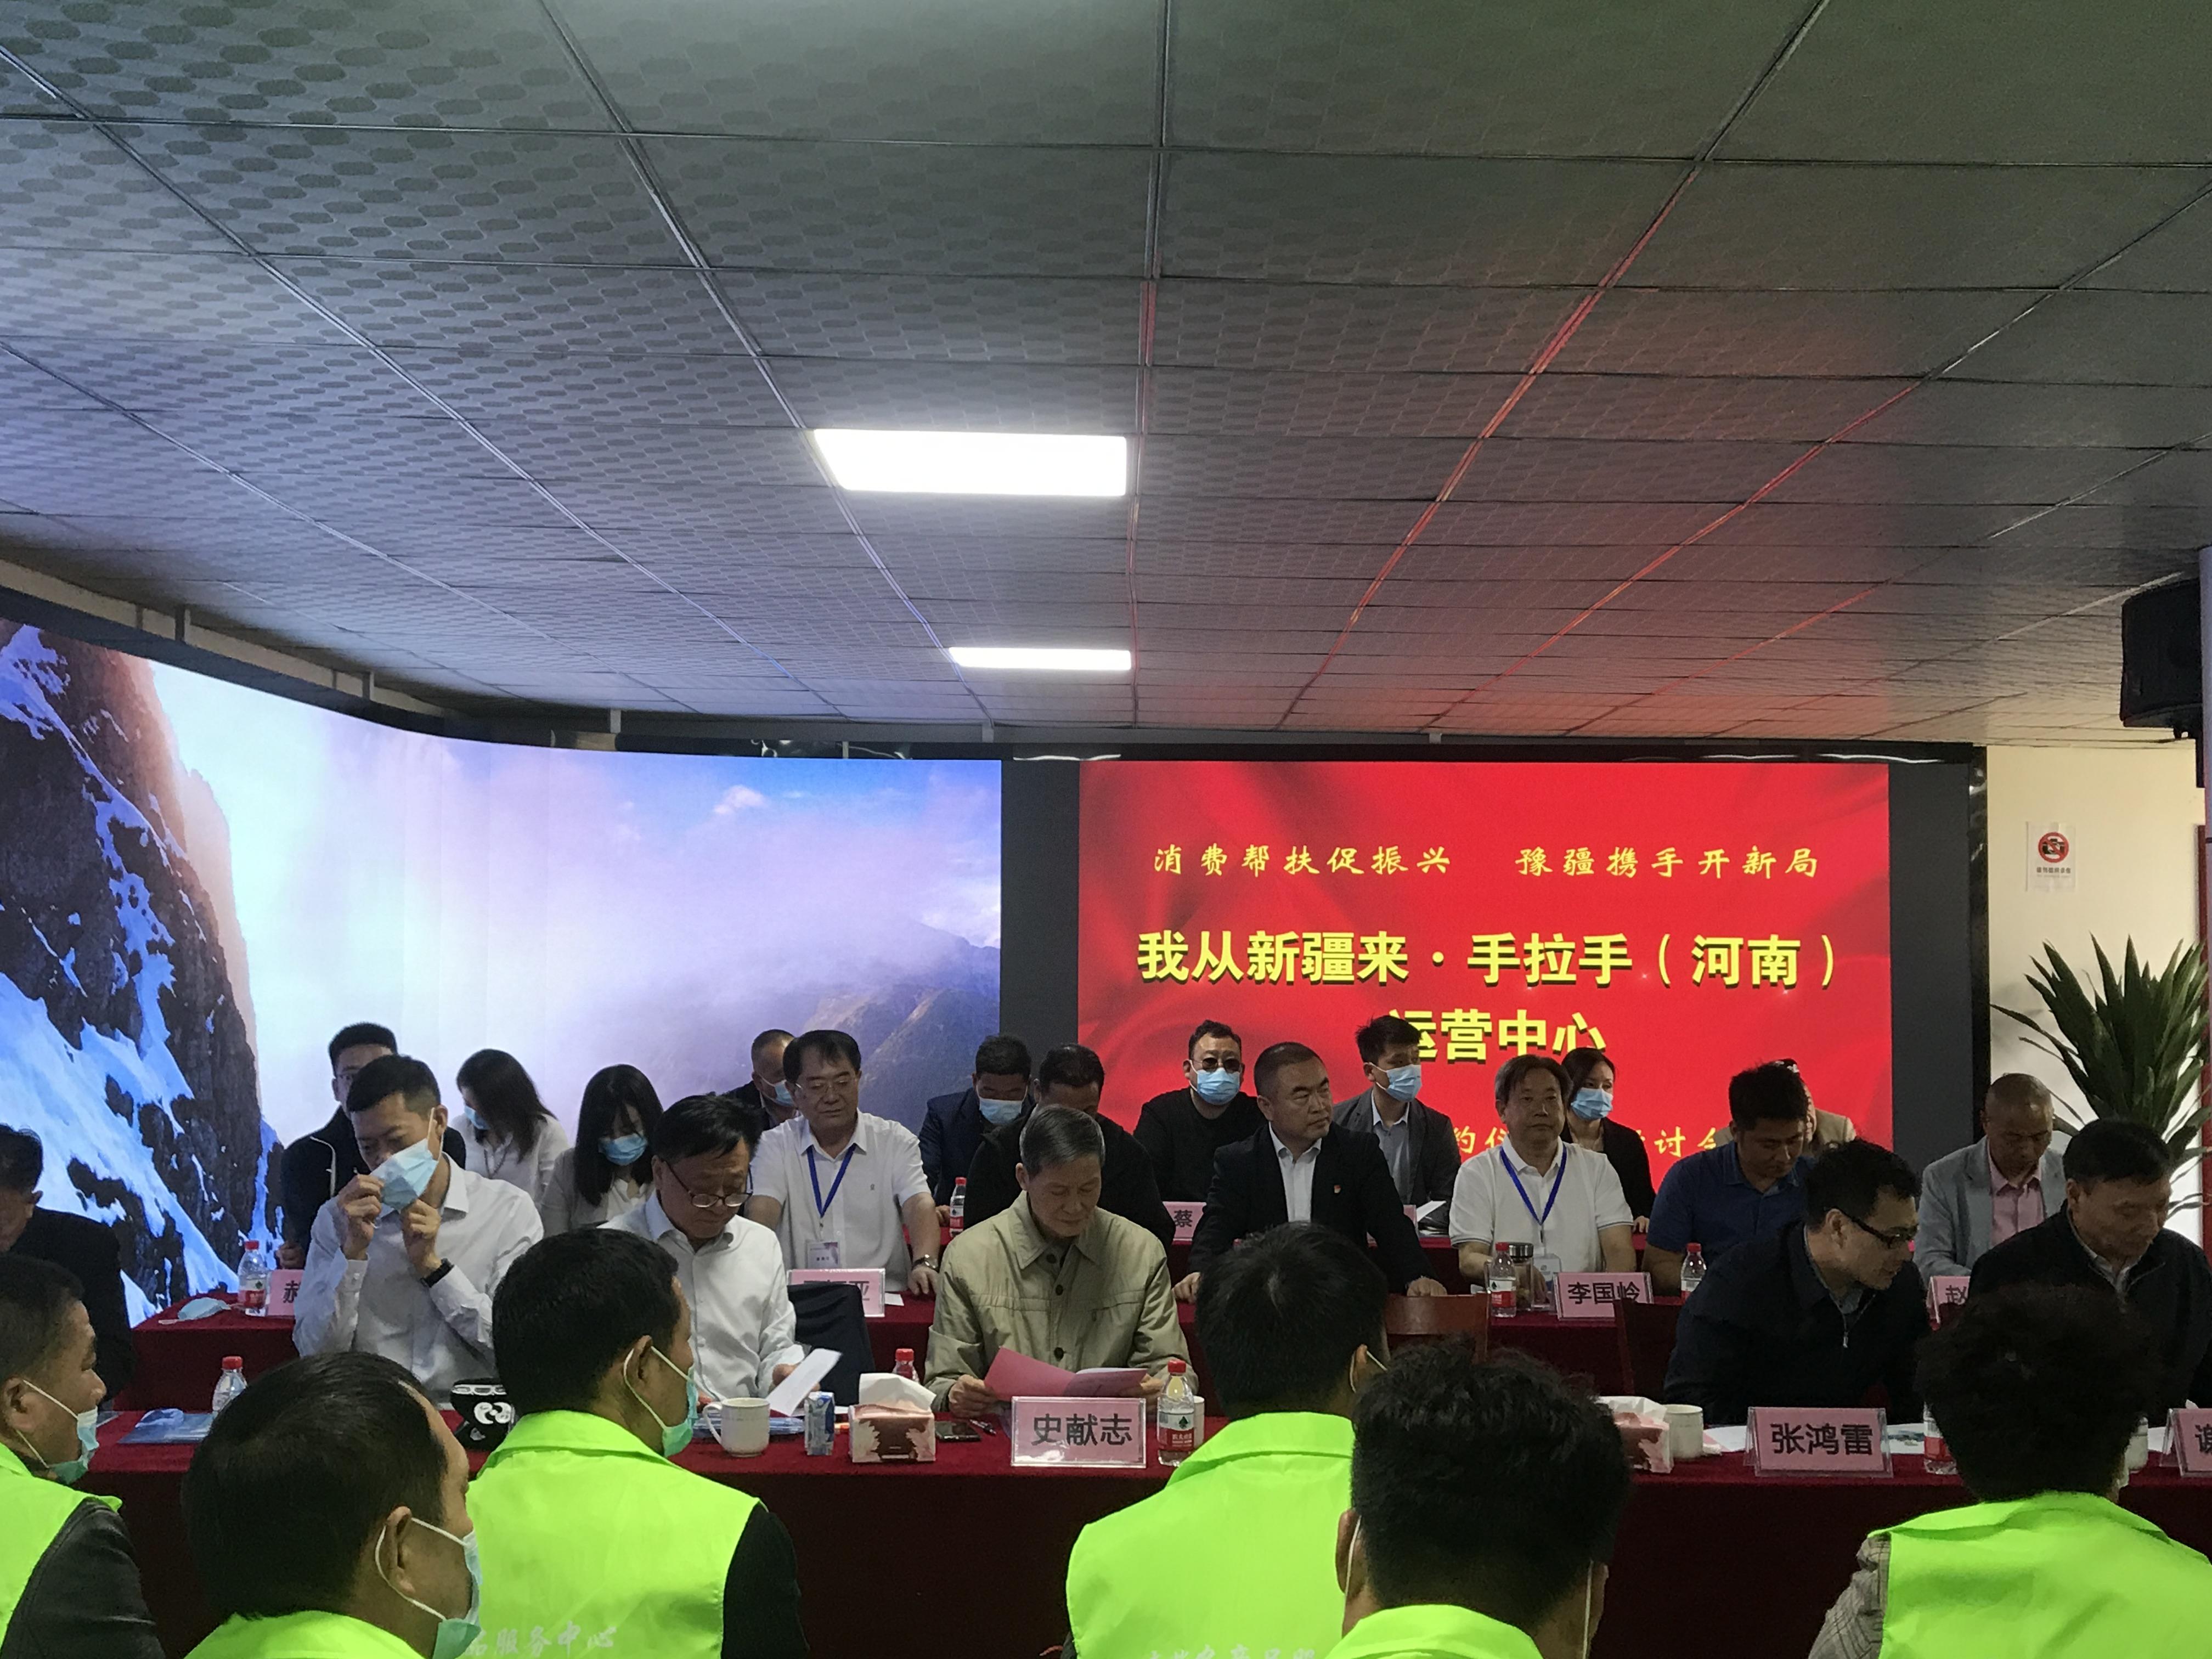 消费帮扶促振兴 豫疆战略合作签约暨研讨会在郑举行